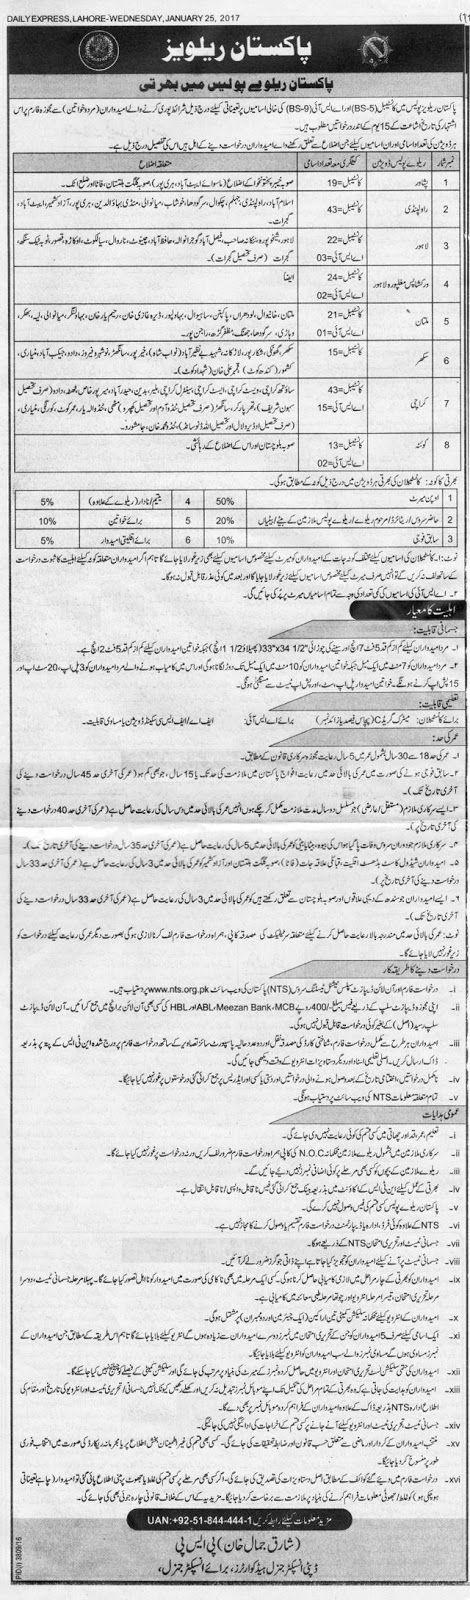 Pakistan Railways Jobs 2017 Before 09.02.2017